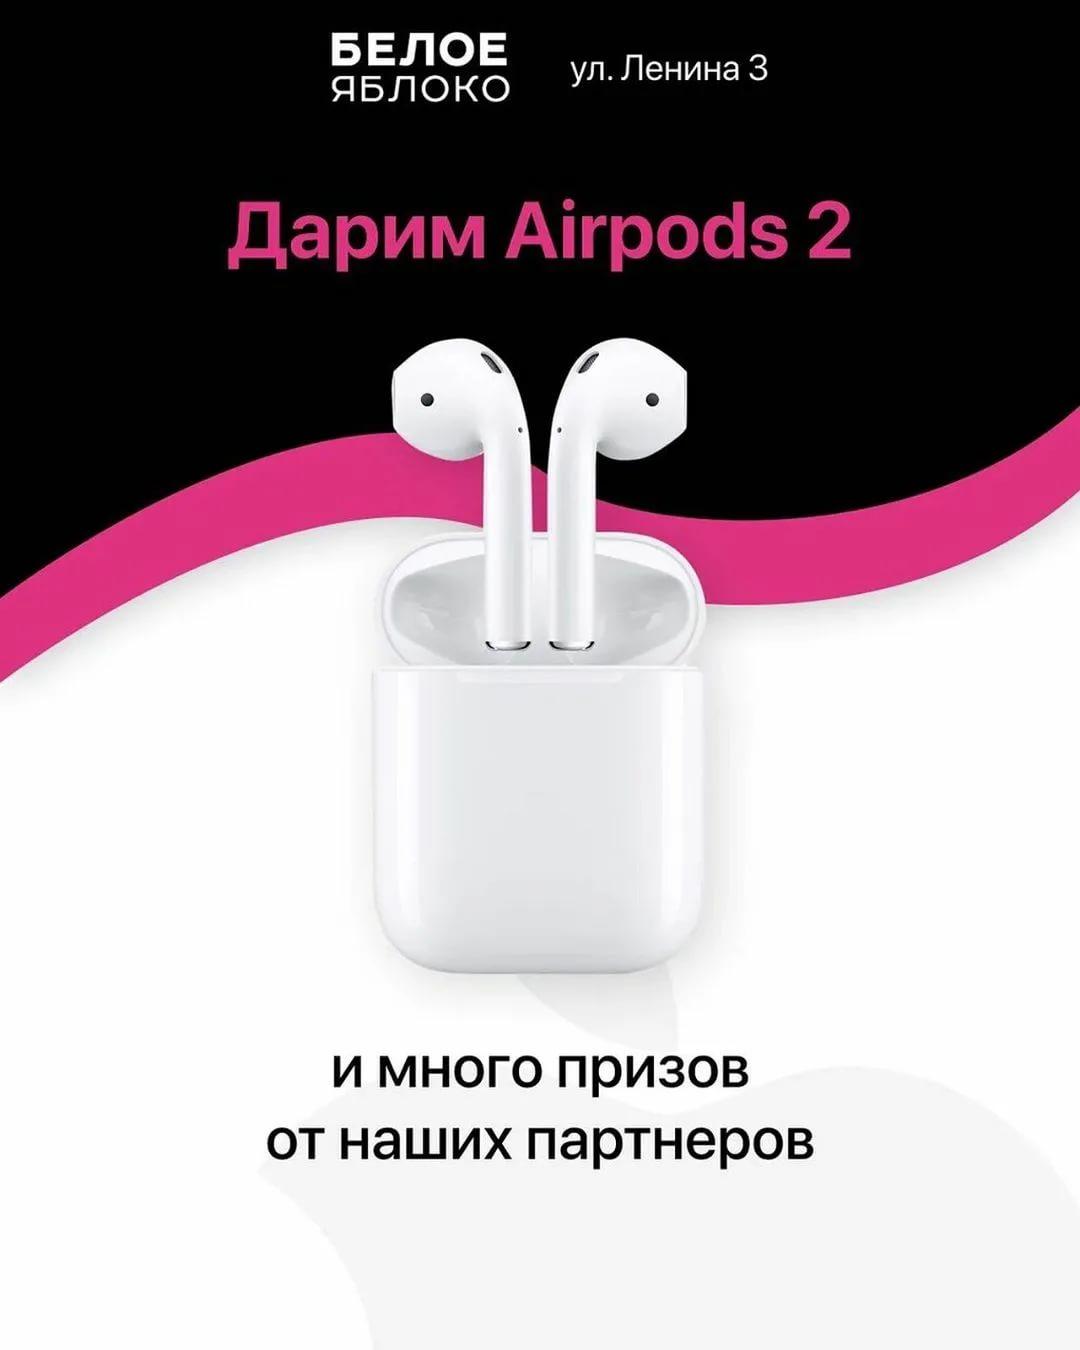 Как подслушивать чужие разговоры с помощью airpods